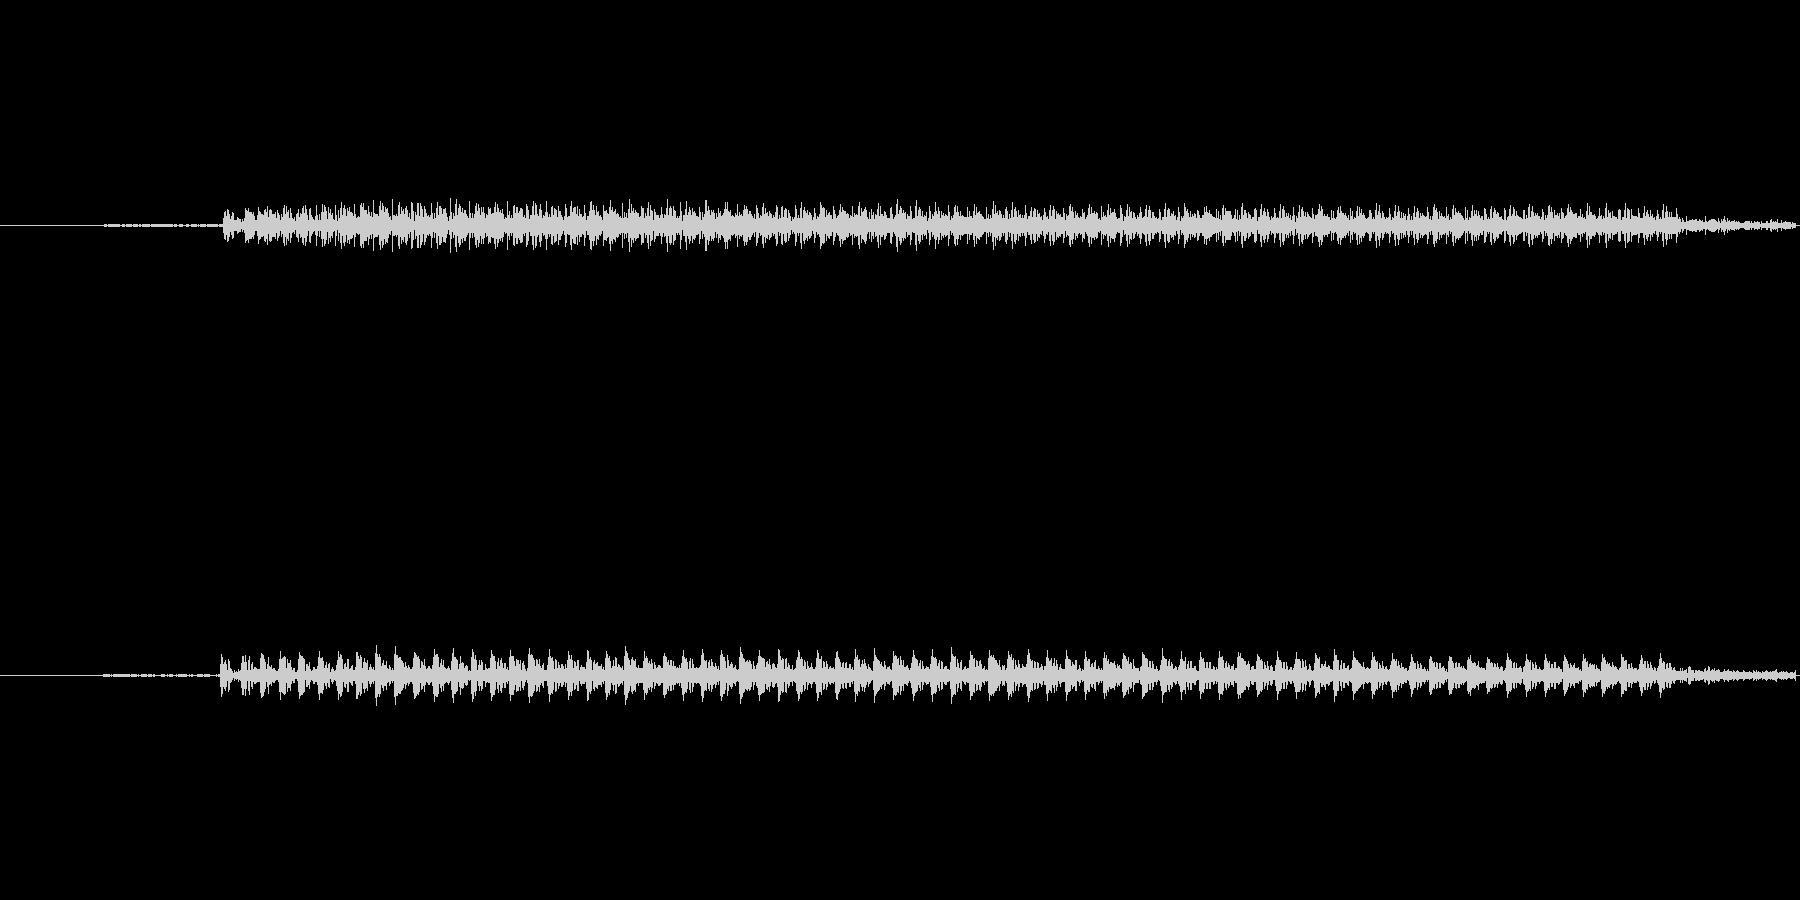 クイズ不正解1の未再生の波形